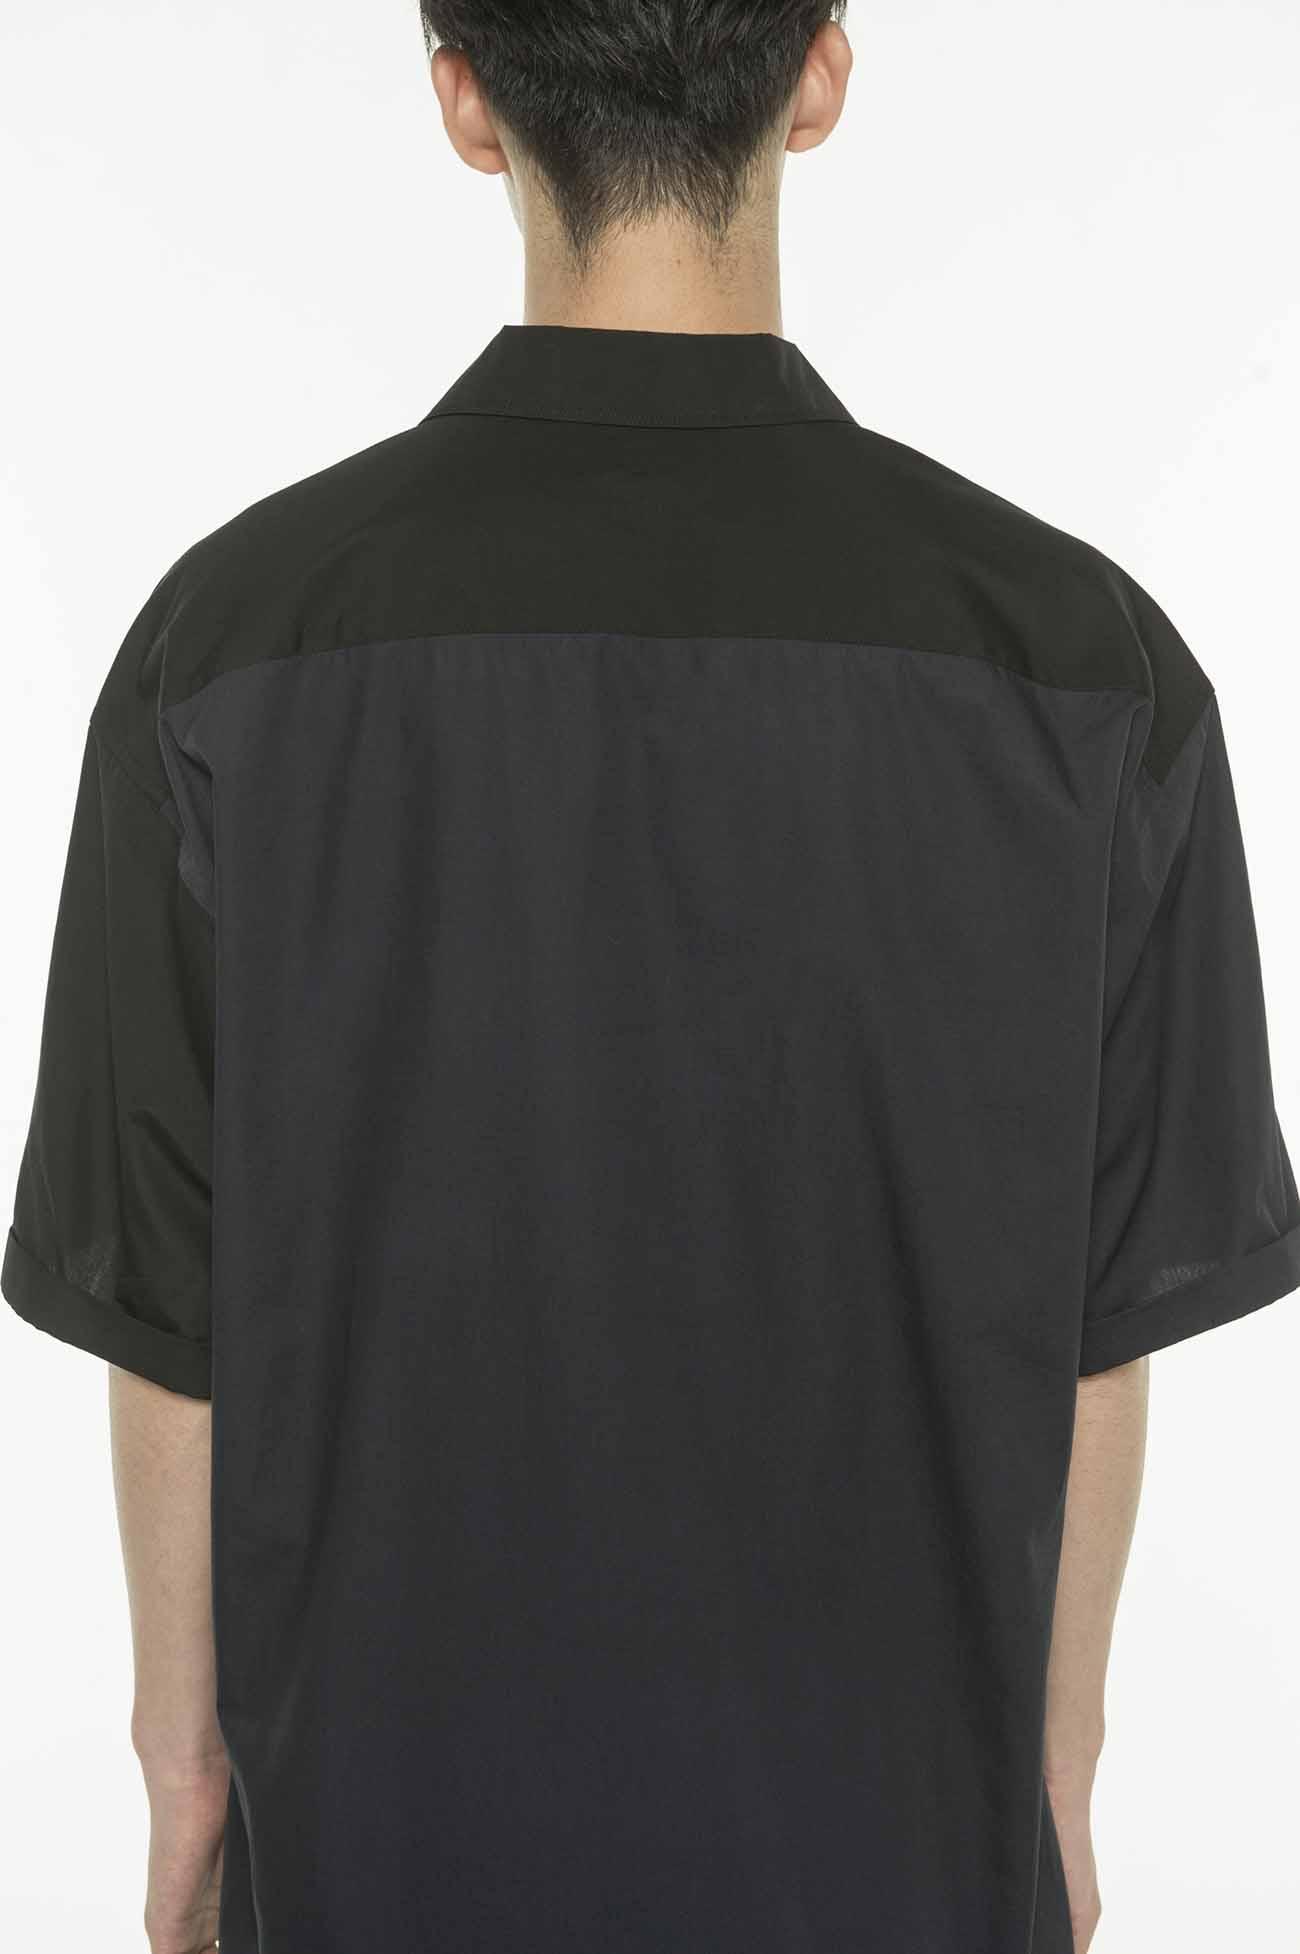 双色短袖衬衫